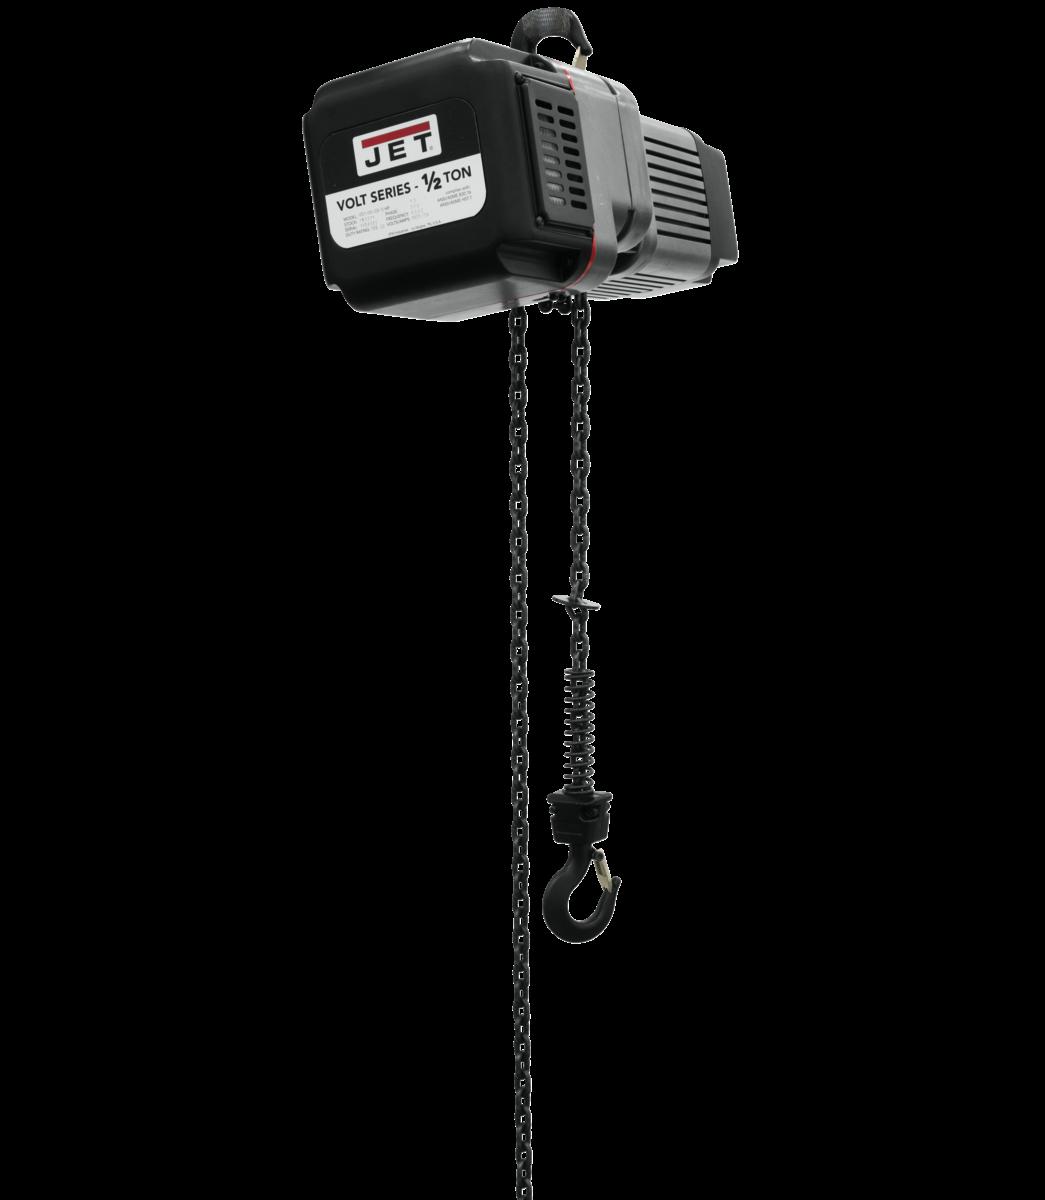 VOLT 1/2T VARIABLE-SPEED ELECTRIC HOIST 3PH 460V 15' LIFT